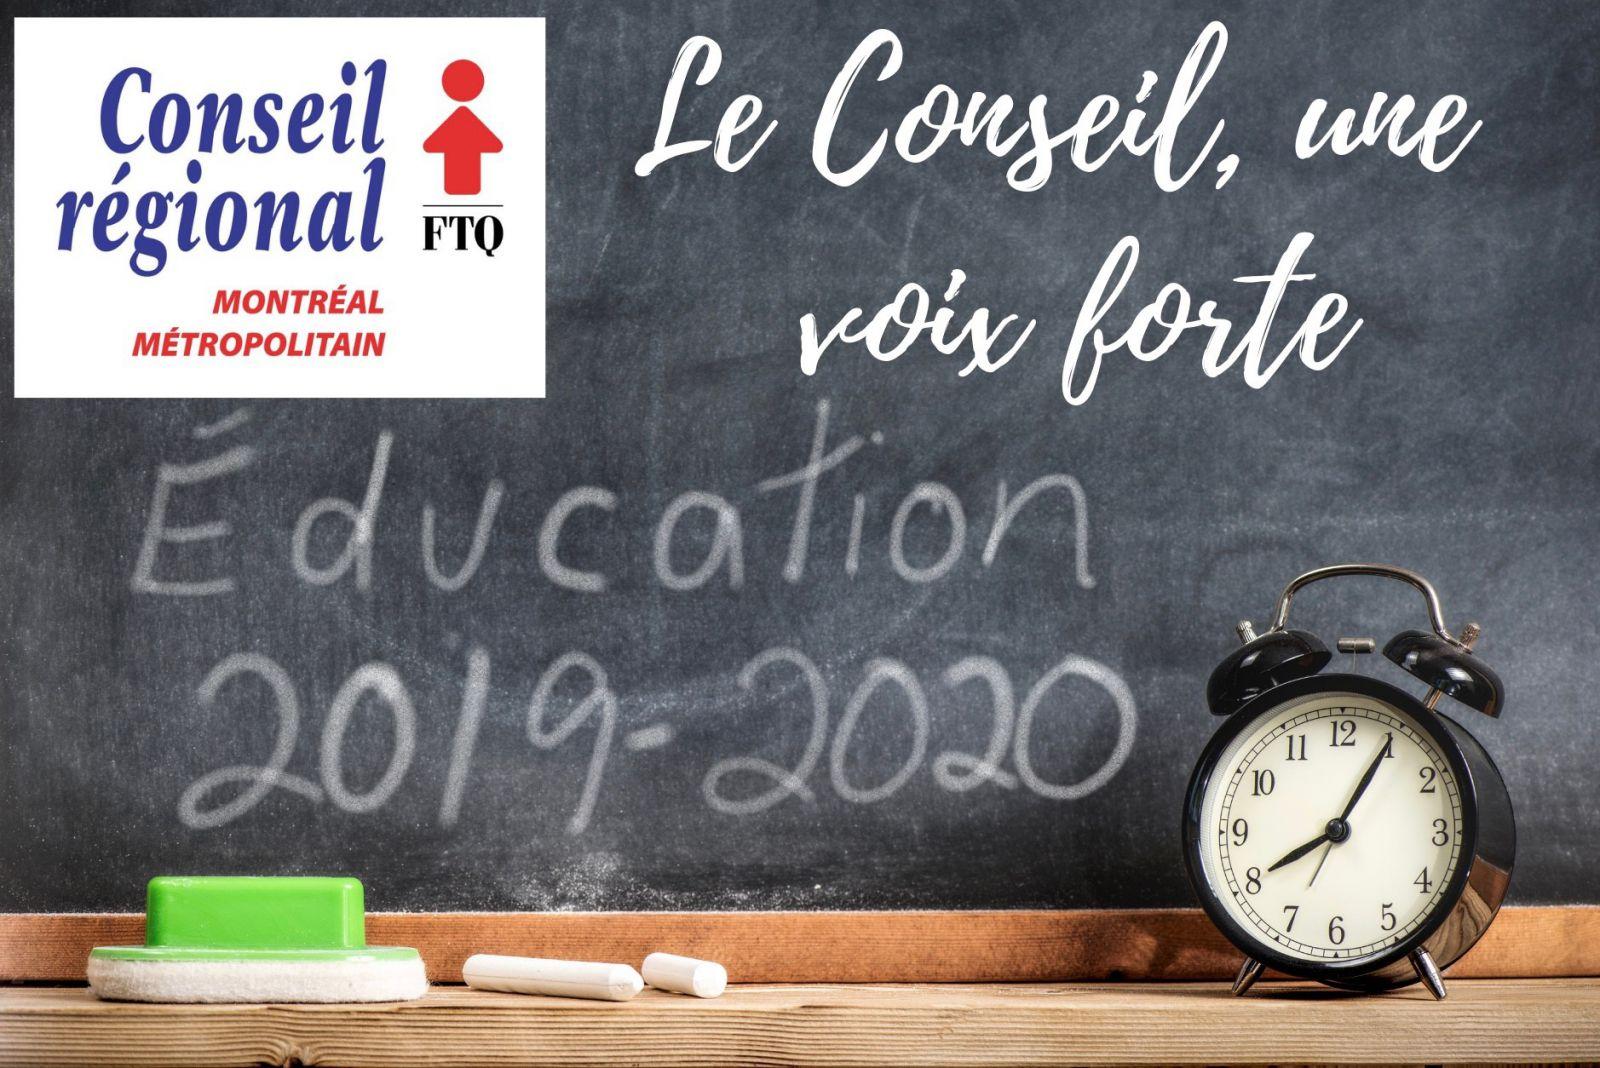 Calendrier d'éducation 2019-2020